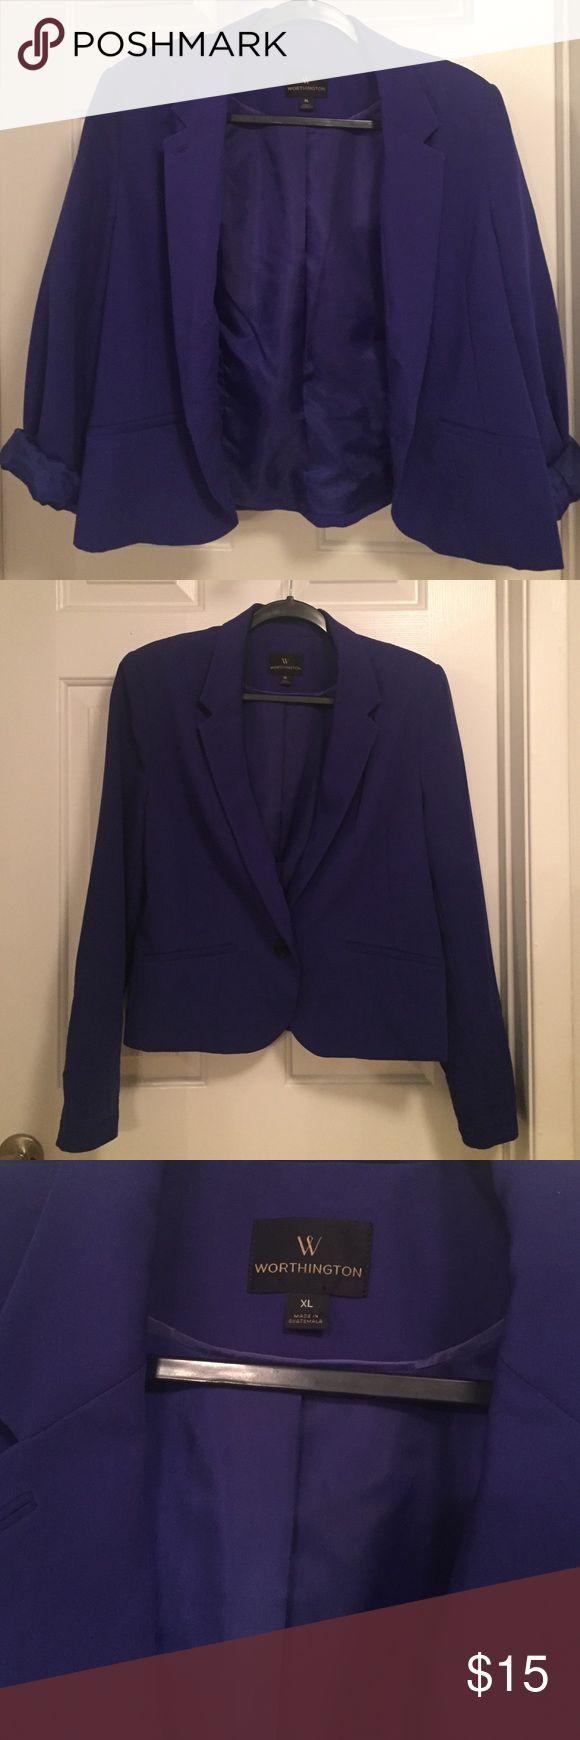 Worthington Royal Blue Blazer Worthington Royal Blue Blazer size XL. No rips. Like new! Worthington Jackets & Coats Blazers